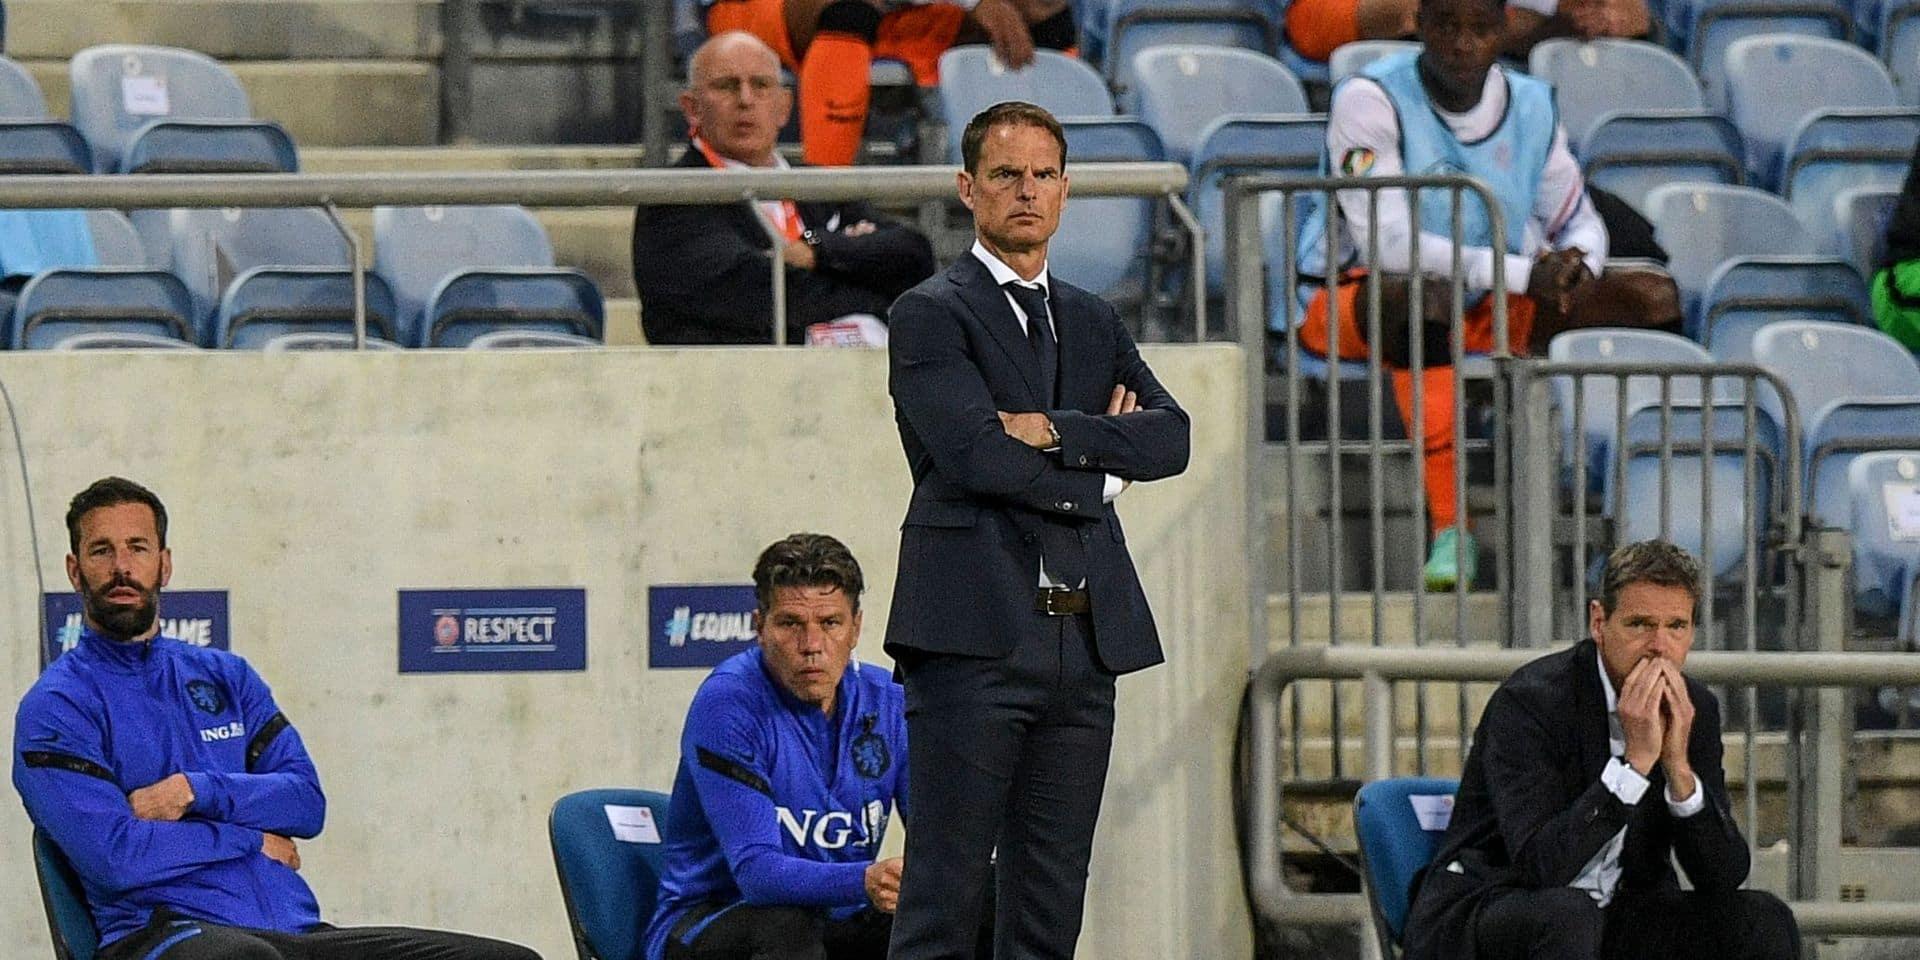 Après la défaite contre la République tchèque, le sélectionneur néerlandais De Boer va discuter avec sa fédération